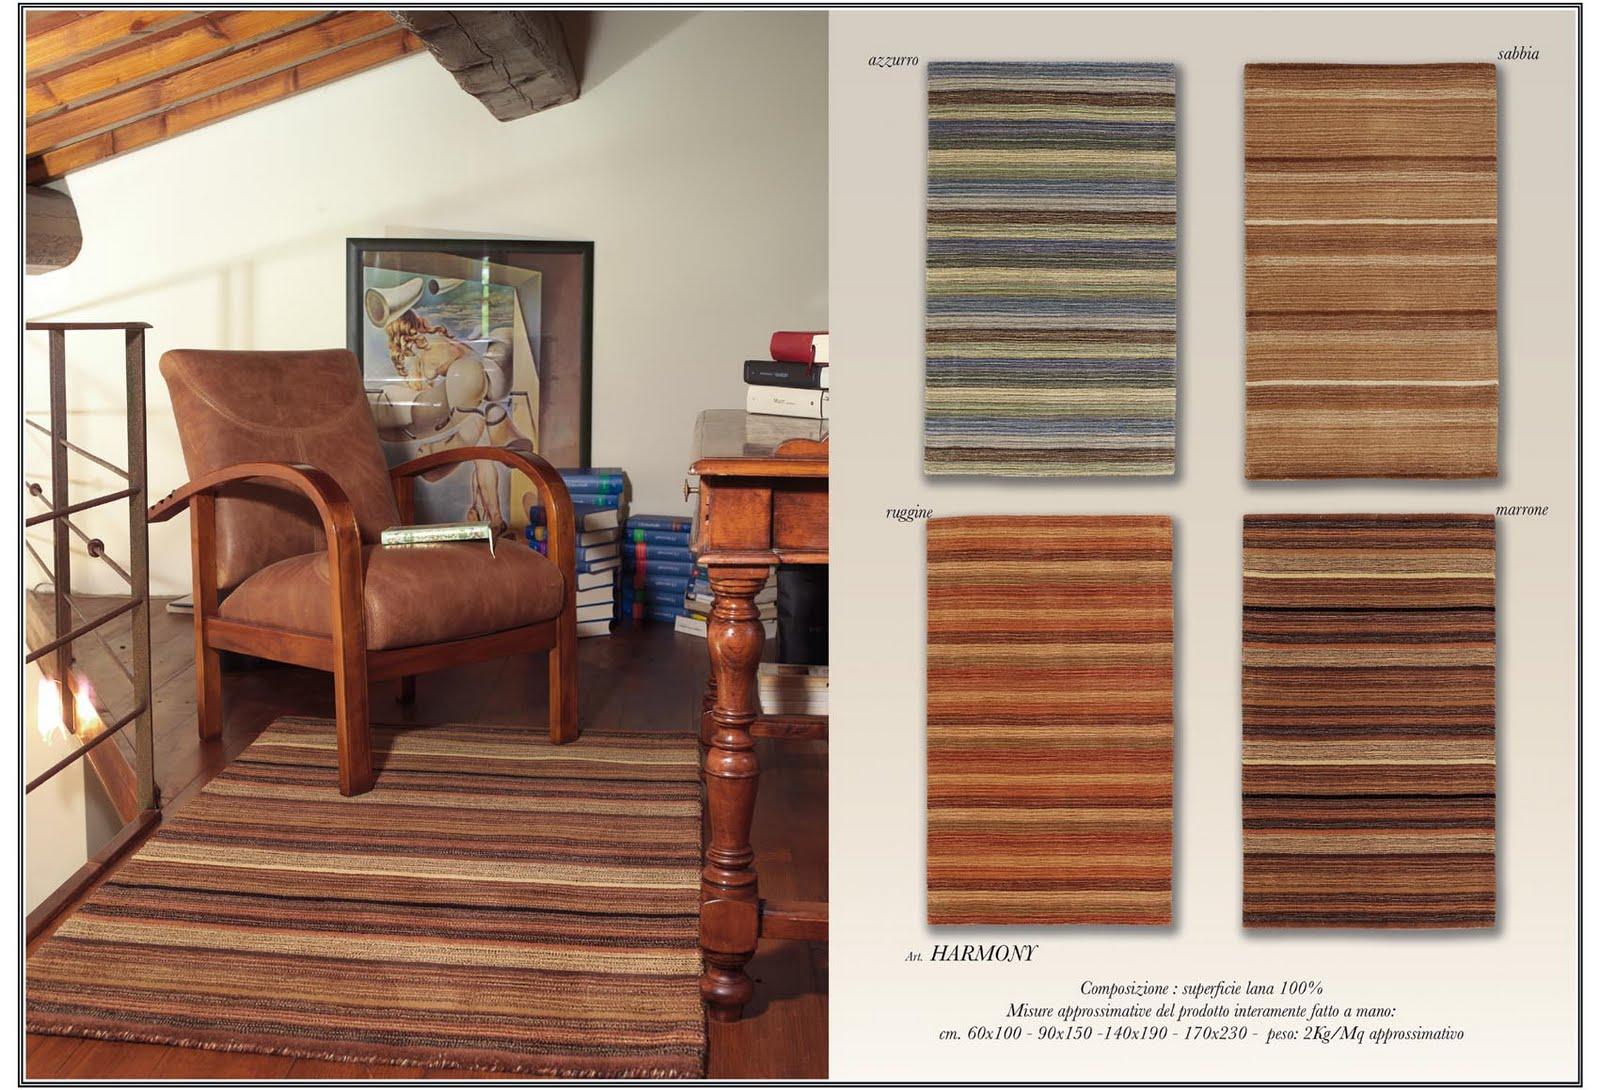 Tappetomania tappeti tappeto cuscini copridivano stuoie for Tappeti casa classica